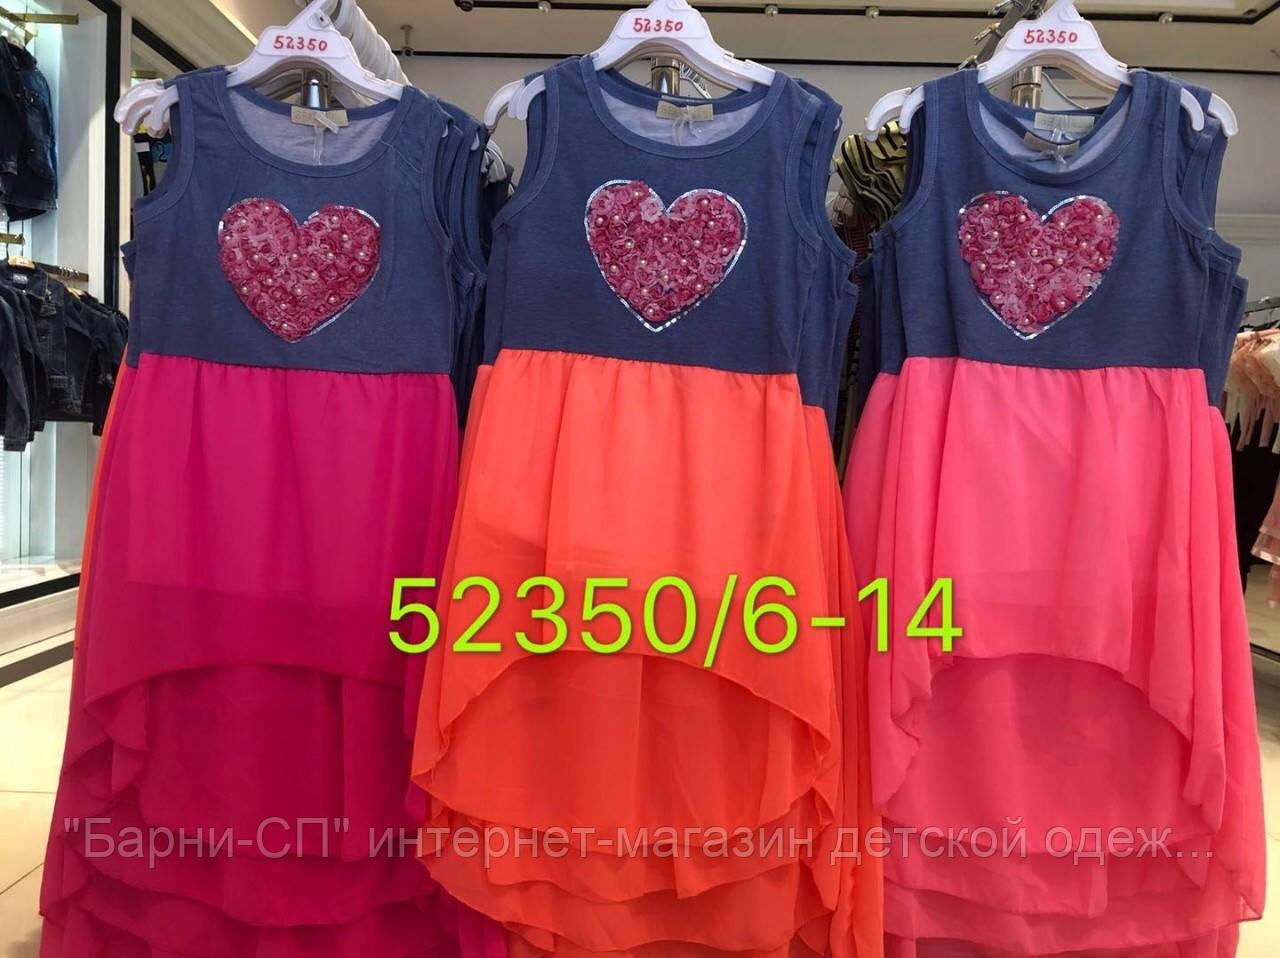 bb9912af2b3a Платье на девочек оптом, Seagull , 6-14 рр: продажа, цена в Мукачево ...